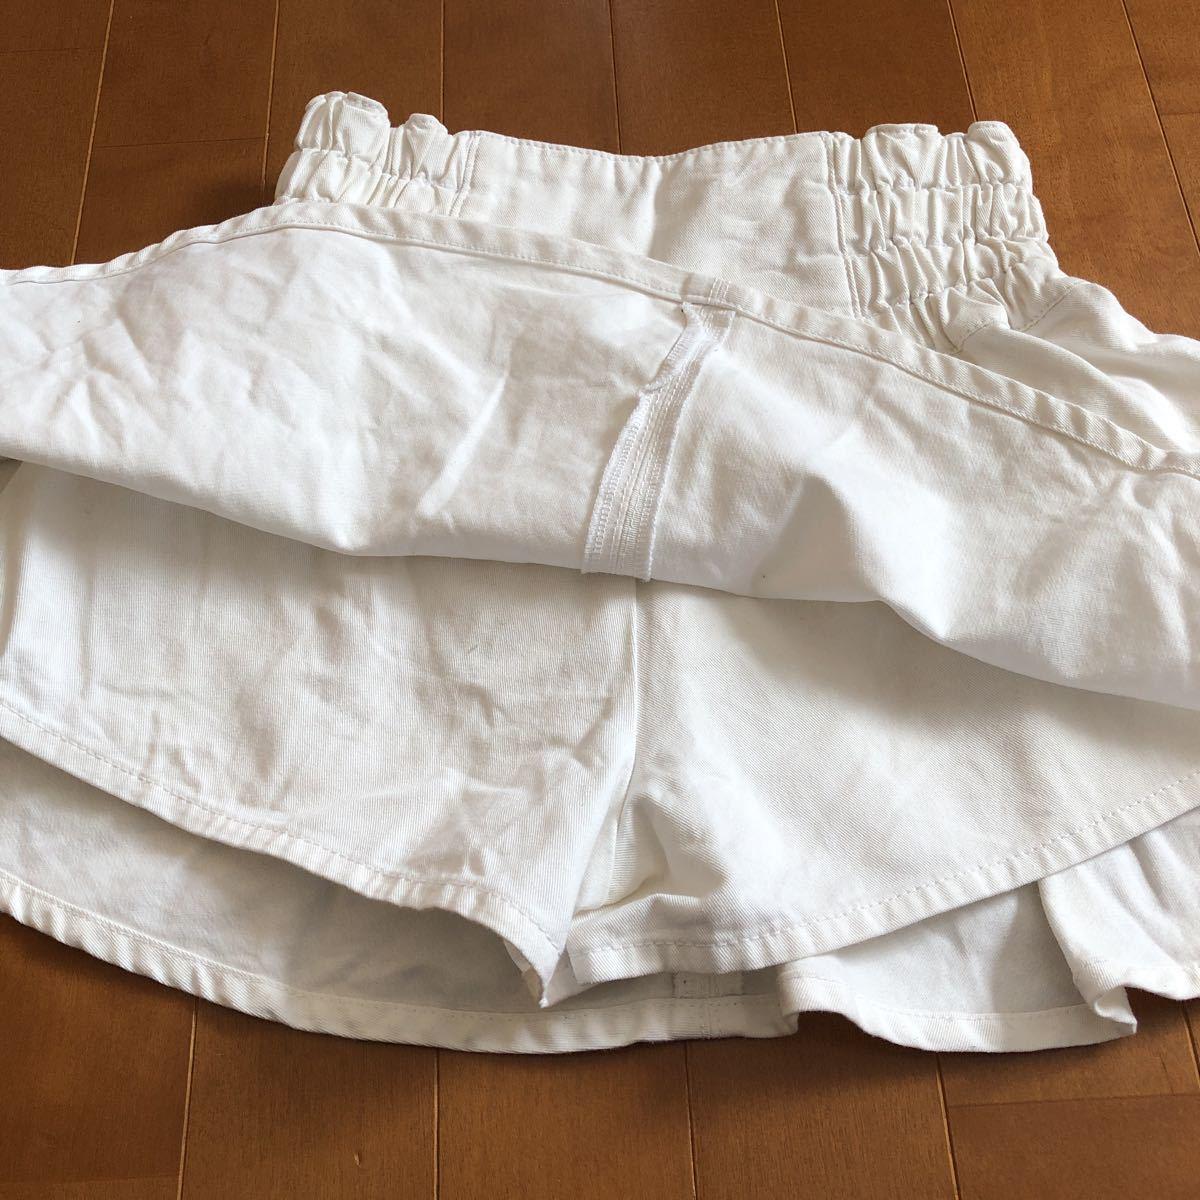 rapipi armario レピピアルマリオ スカパン 140 ホワイト デニム 白 スカート_画像3